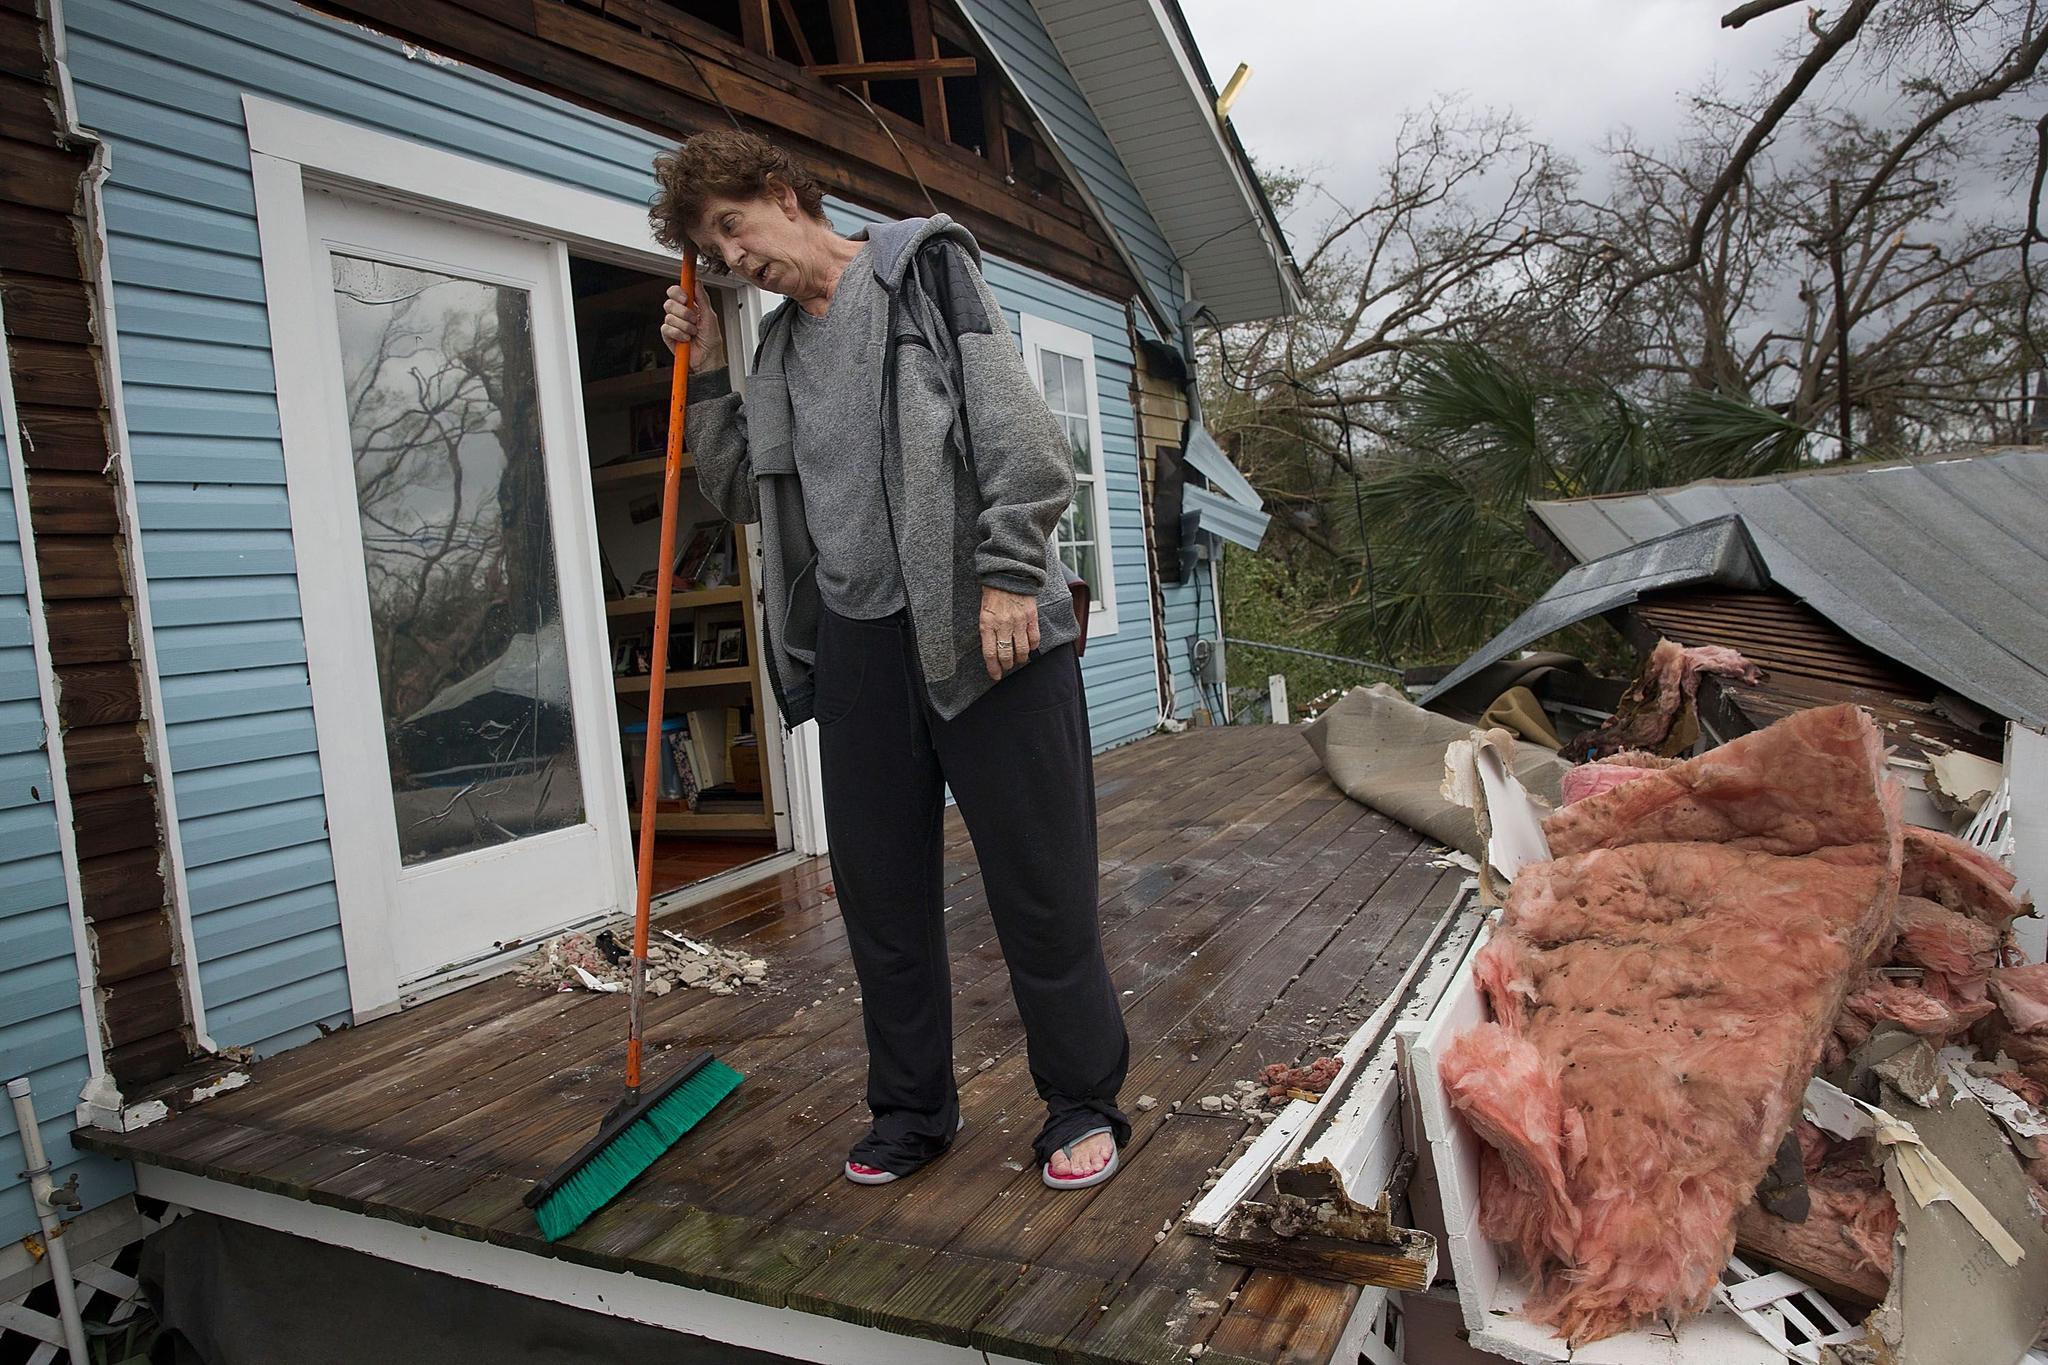 10일(현지시간) 미국 플로리다 주 파나마 시티에서 한 시민이 마이클로 인해 파손된 자신의 집을 정리하던 중 허탈한 표정을 짓고 있다. [AFP=연합뉴스]